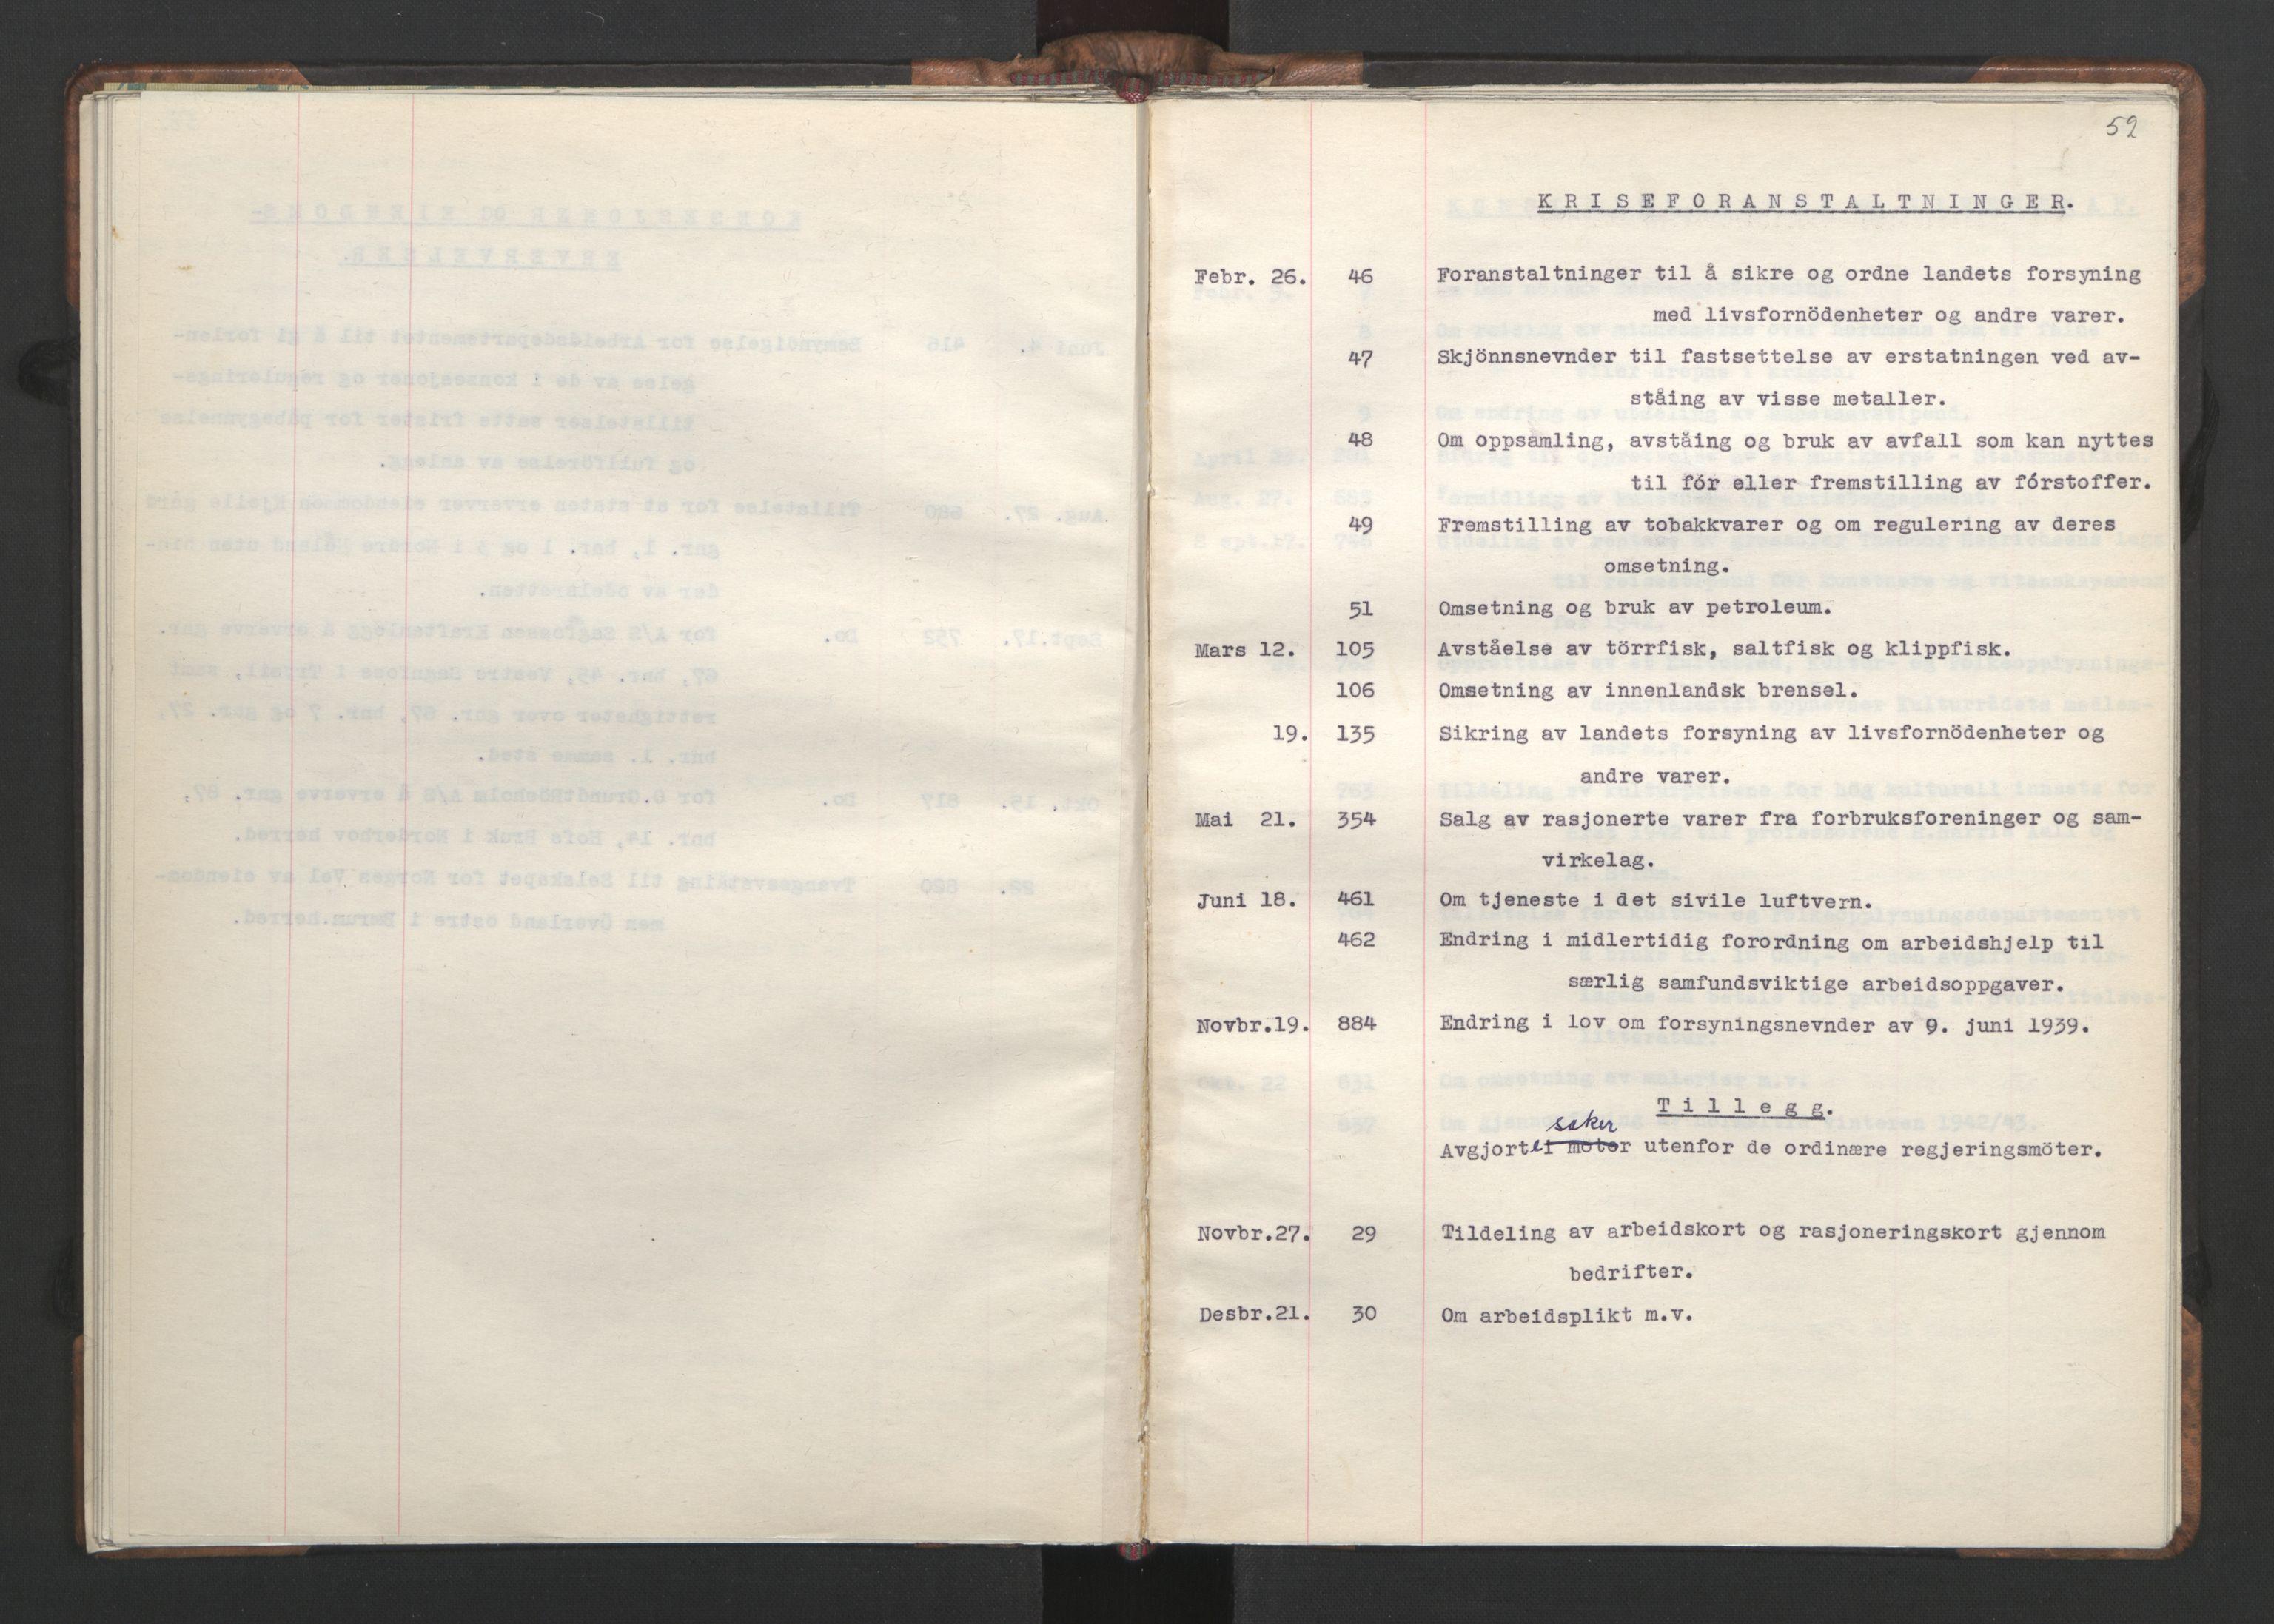 RA, NS-administrasjonen 1940-1945 (Statsrådsekretariatet, de kommisariske statsråder mm), D/Da/L0002: Register (RA j.nr. 985/1943, tilgangsnr. 17/1943), 1942, s. 58b-59a